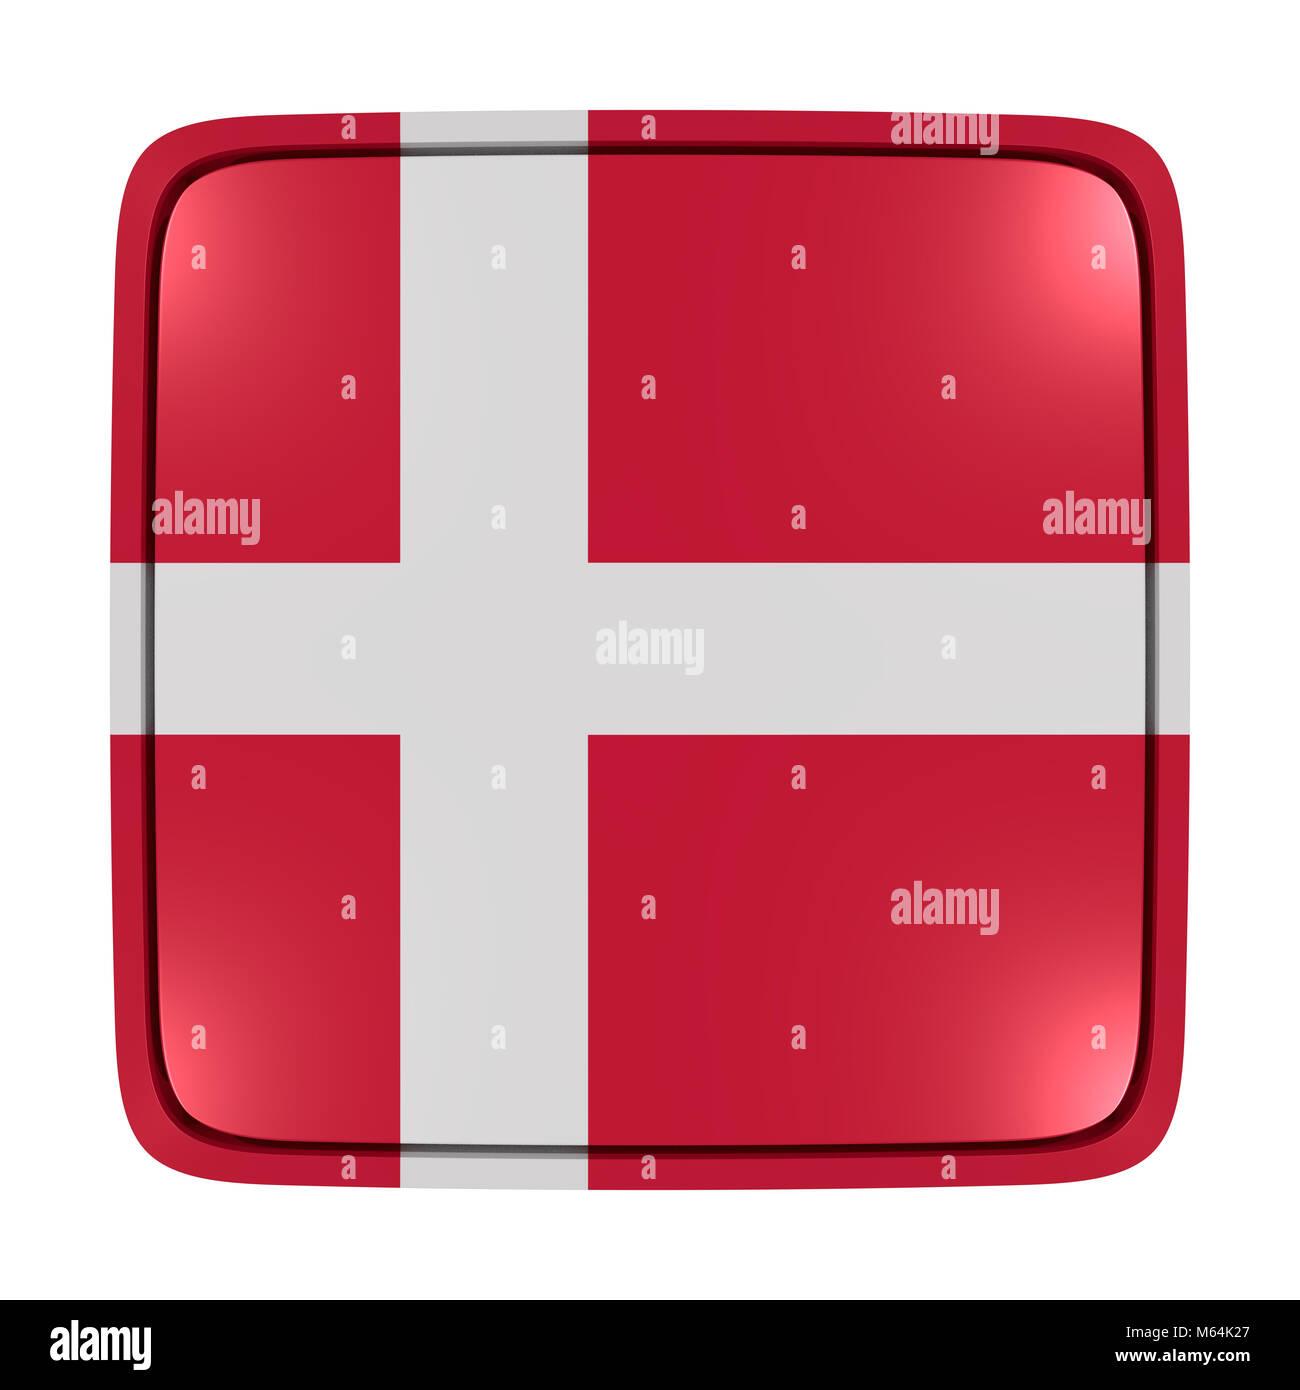 3D-Rendering für eine Dänemark Flagge Symbol. Auf weissem Hintergrund. Stockfoto